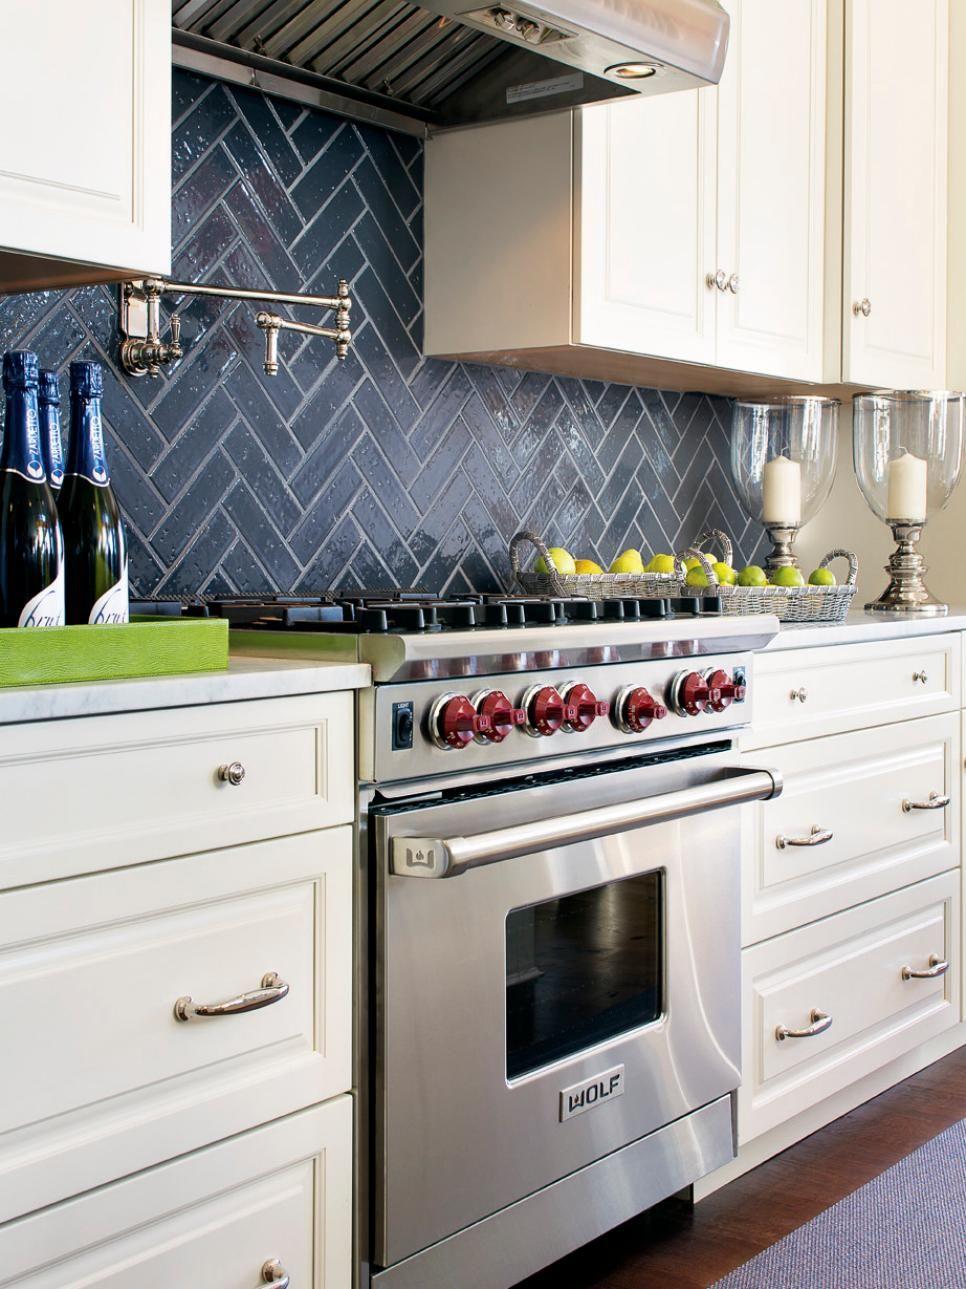 Designer Susan Anthony Chose A Black Tile Backsplash Installed In